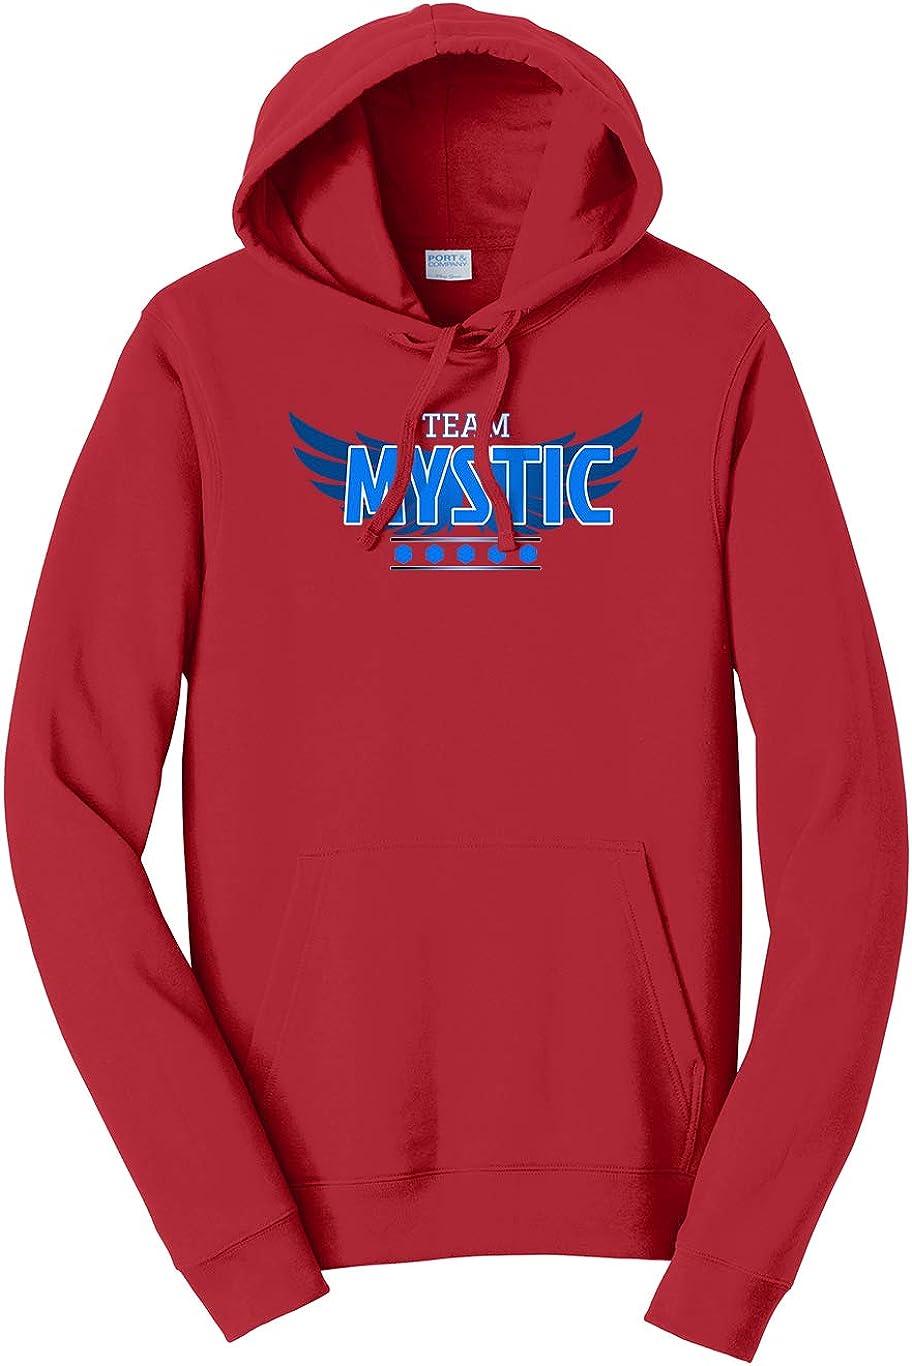 Tenacitee Unisex Team Mystic Hooded Sweatshirt